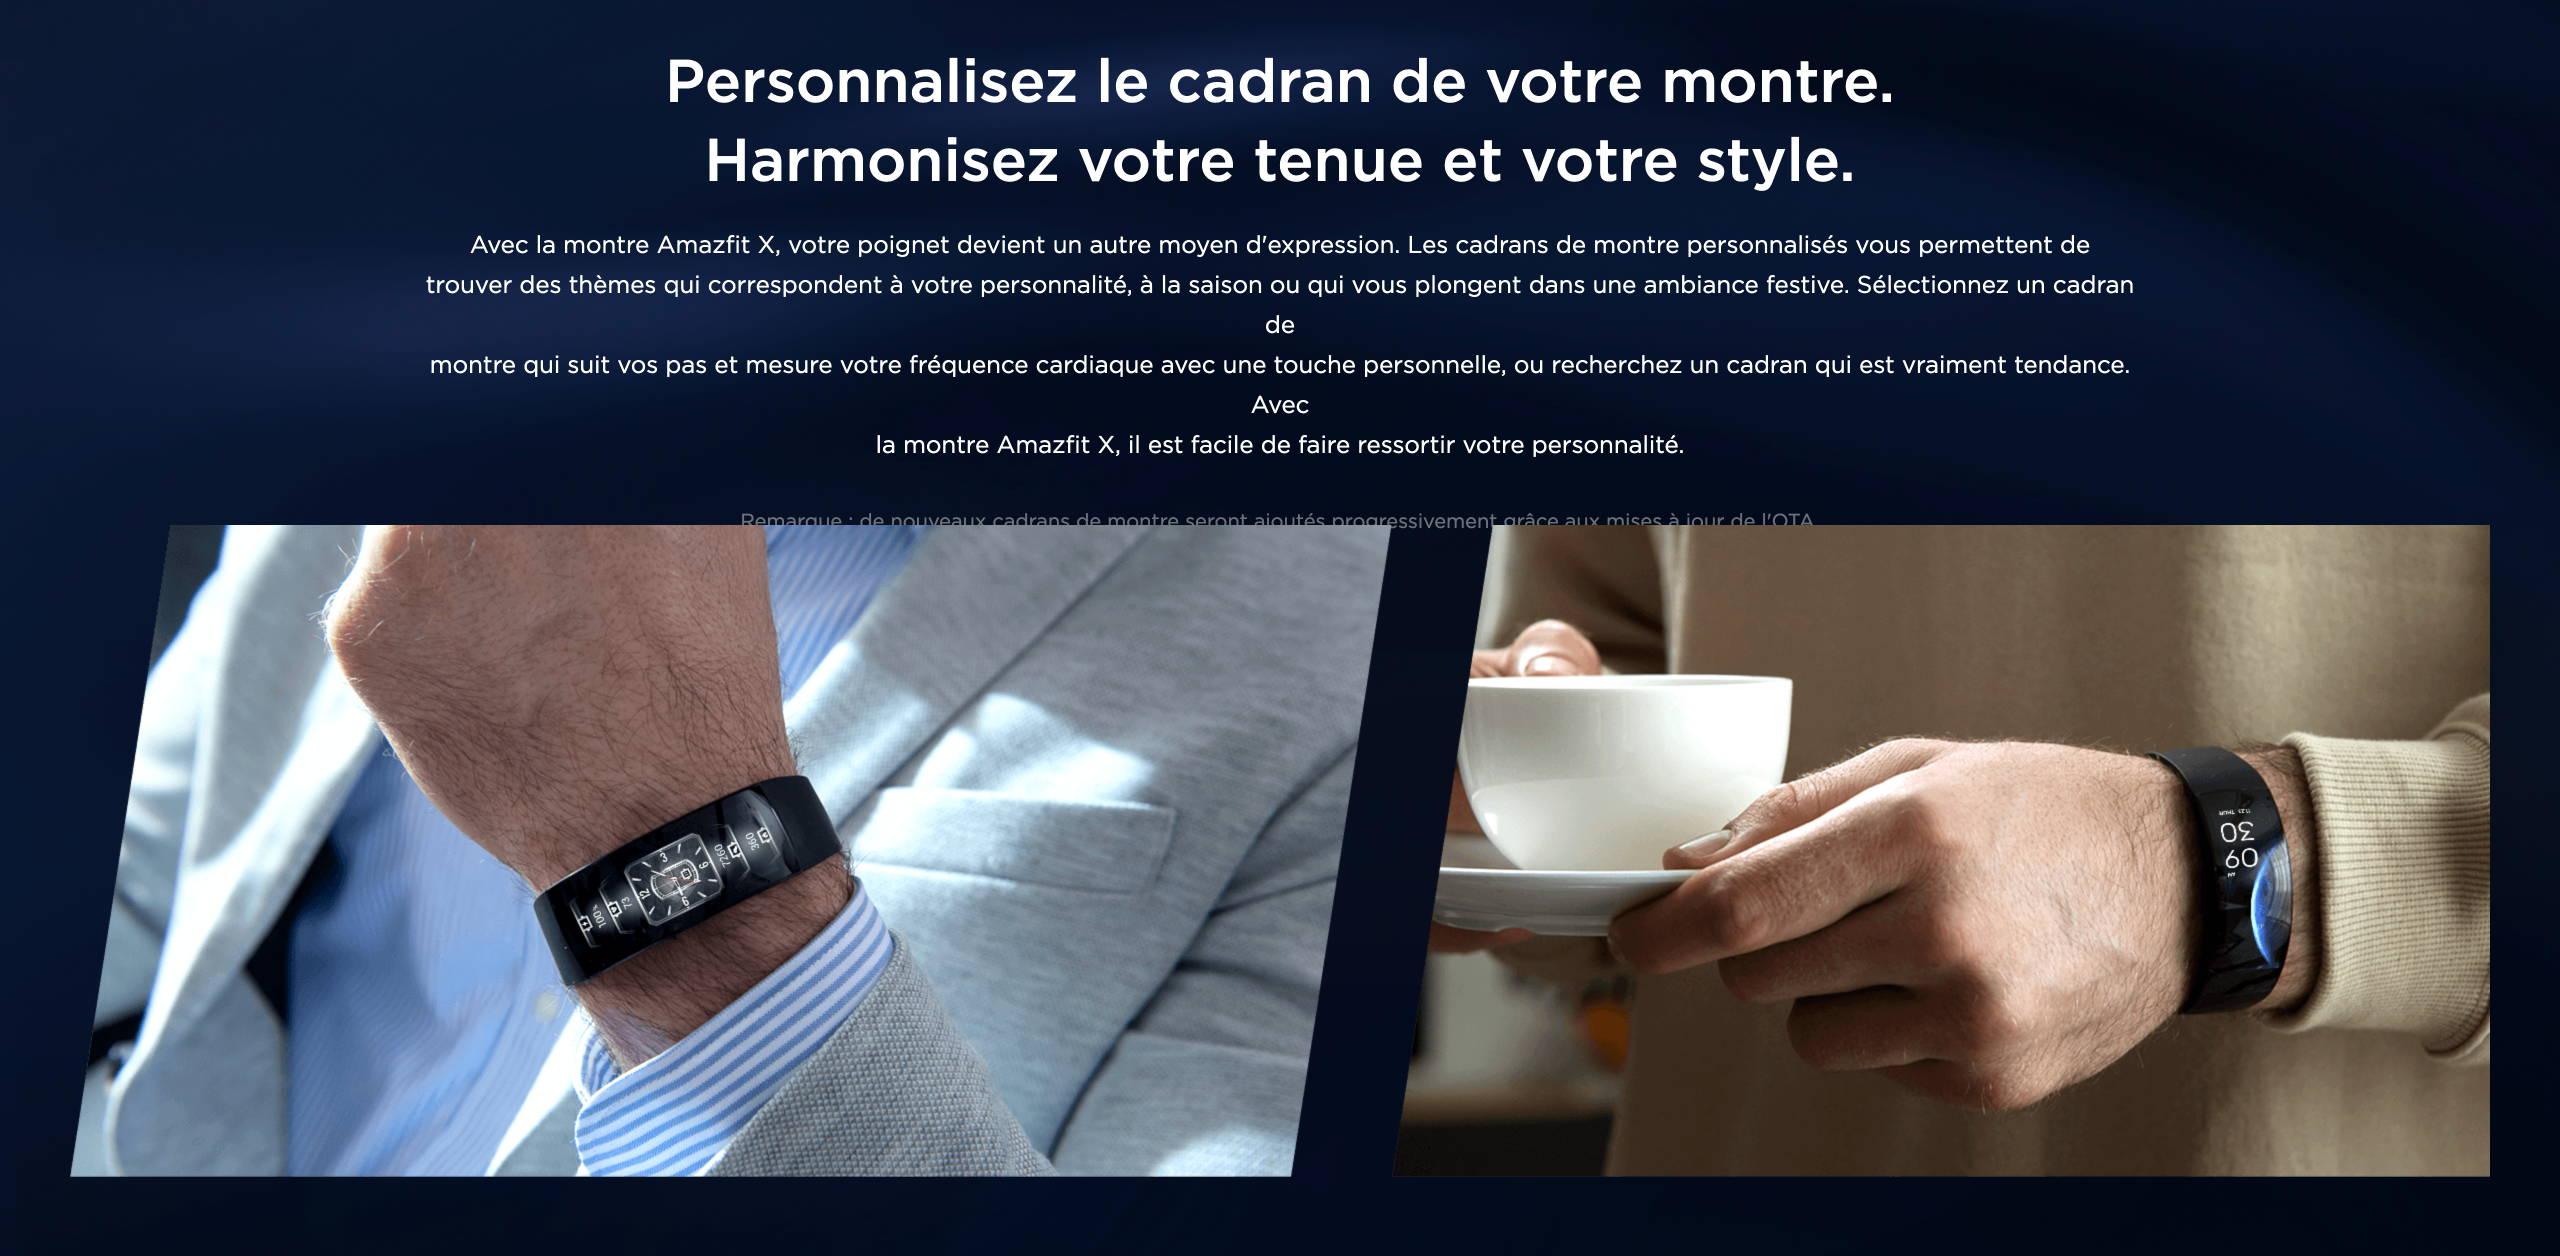 Amazfit X - Personnalisez le cadran de votre montre. Harmonisez votre tenue et votre style.